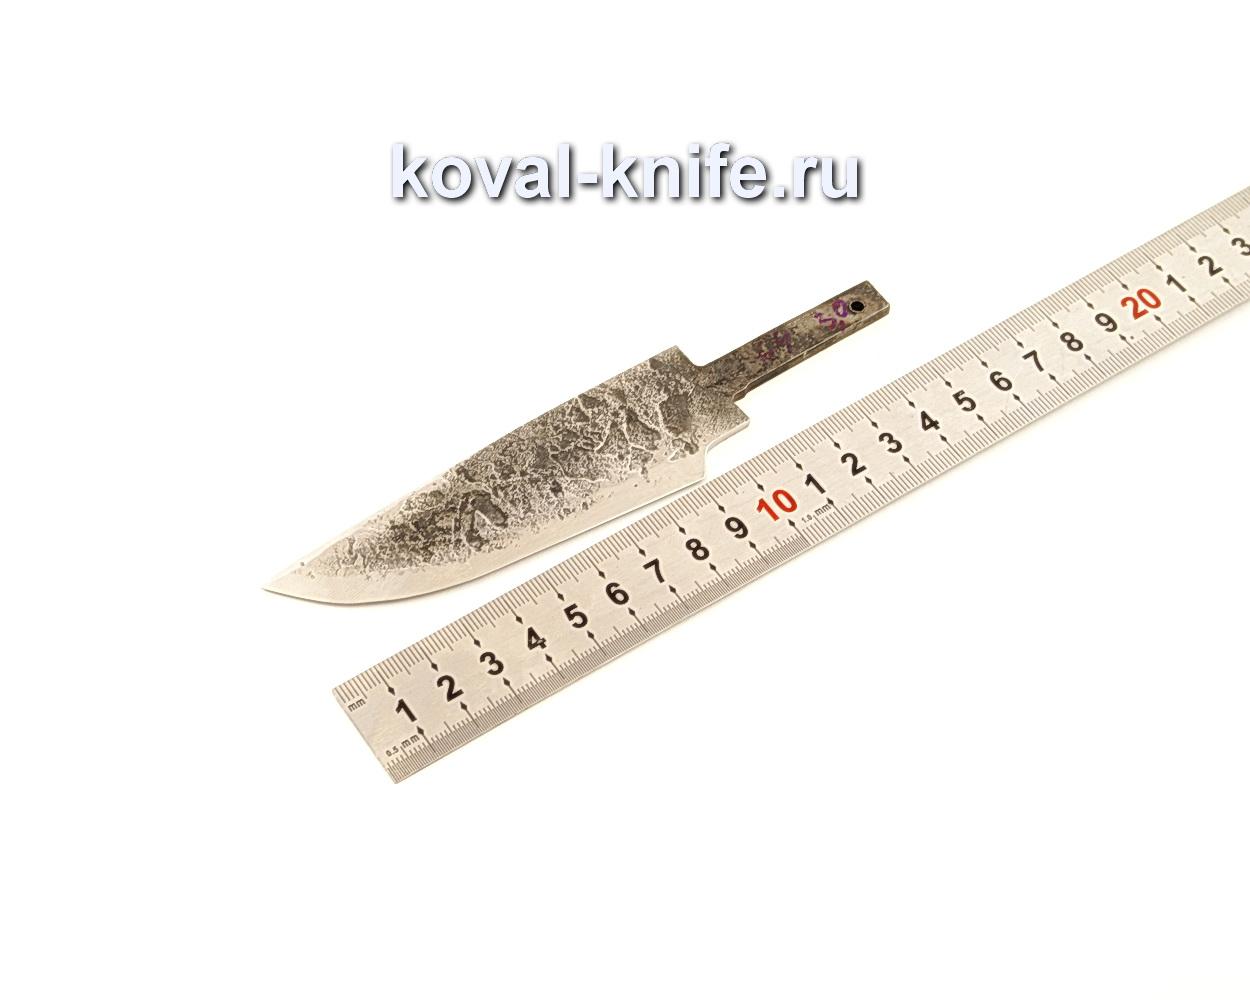 Клинок для ножа из кованой 9ХС  N64